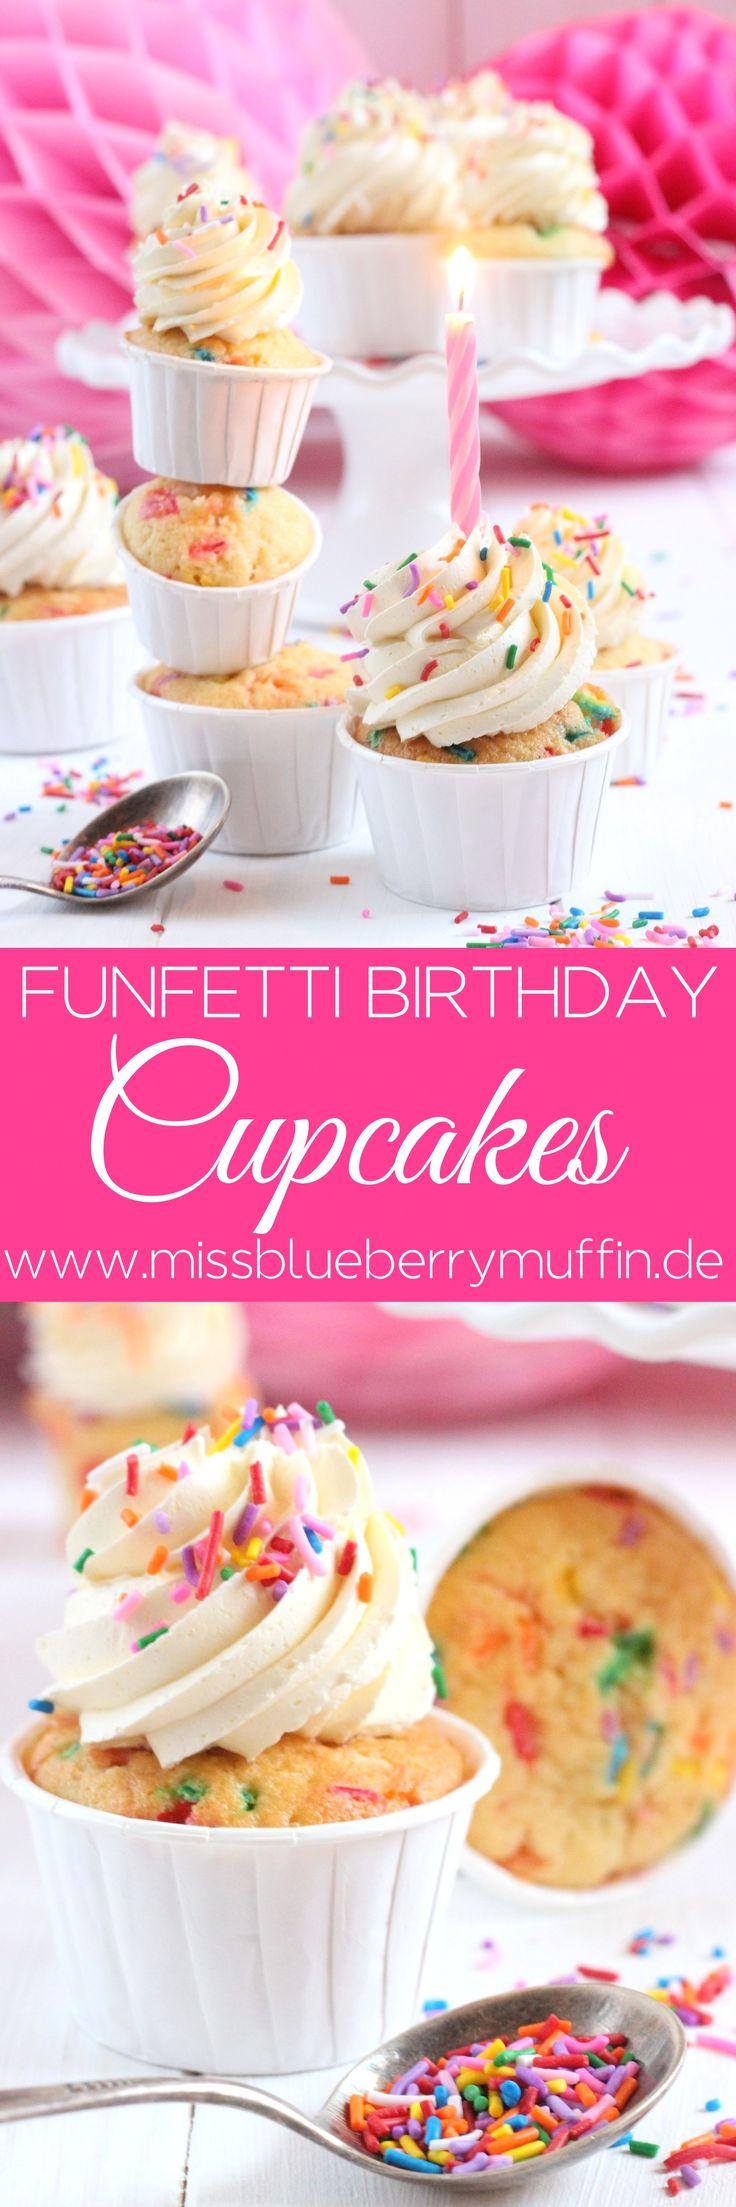 Geburtstags Cupcakes mit bunten Streuseln // Geburtstagskuchen // Birthday Funfetti Cupcakes <3